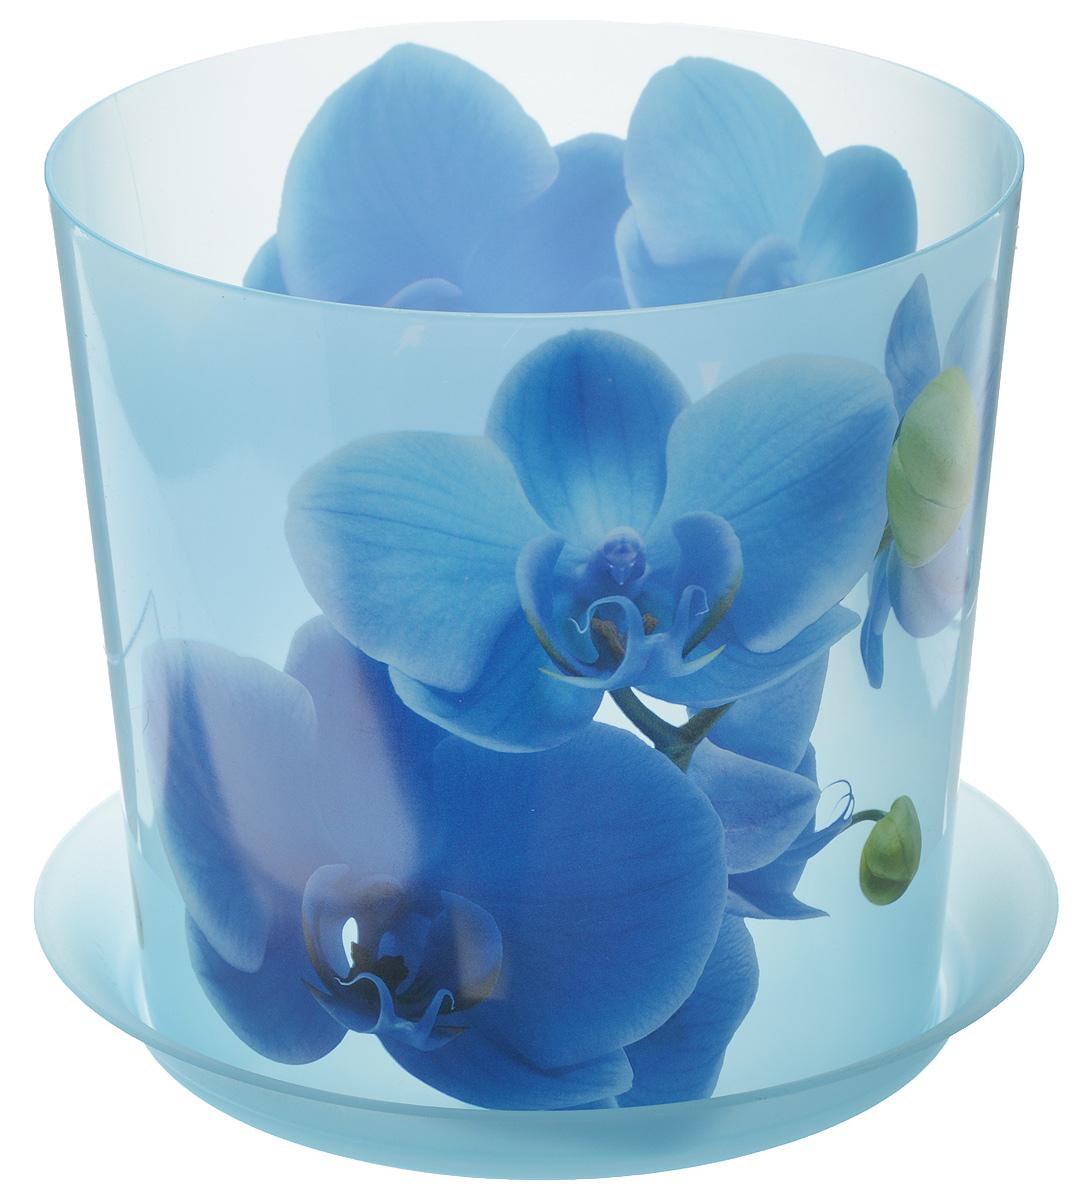 Кашпо Idea Деко, с подставкой, цвет: голубой, 2,4 л кашпо idea верона с подставкой цвет белый диаметр 18 см